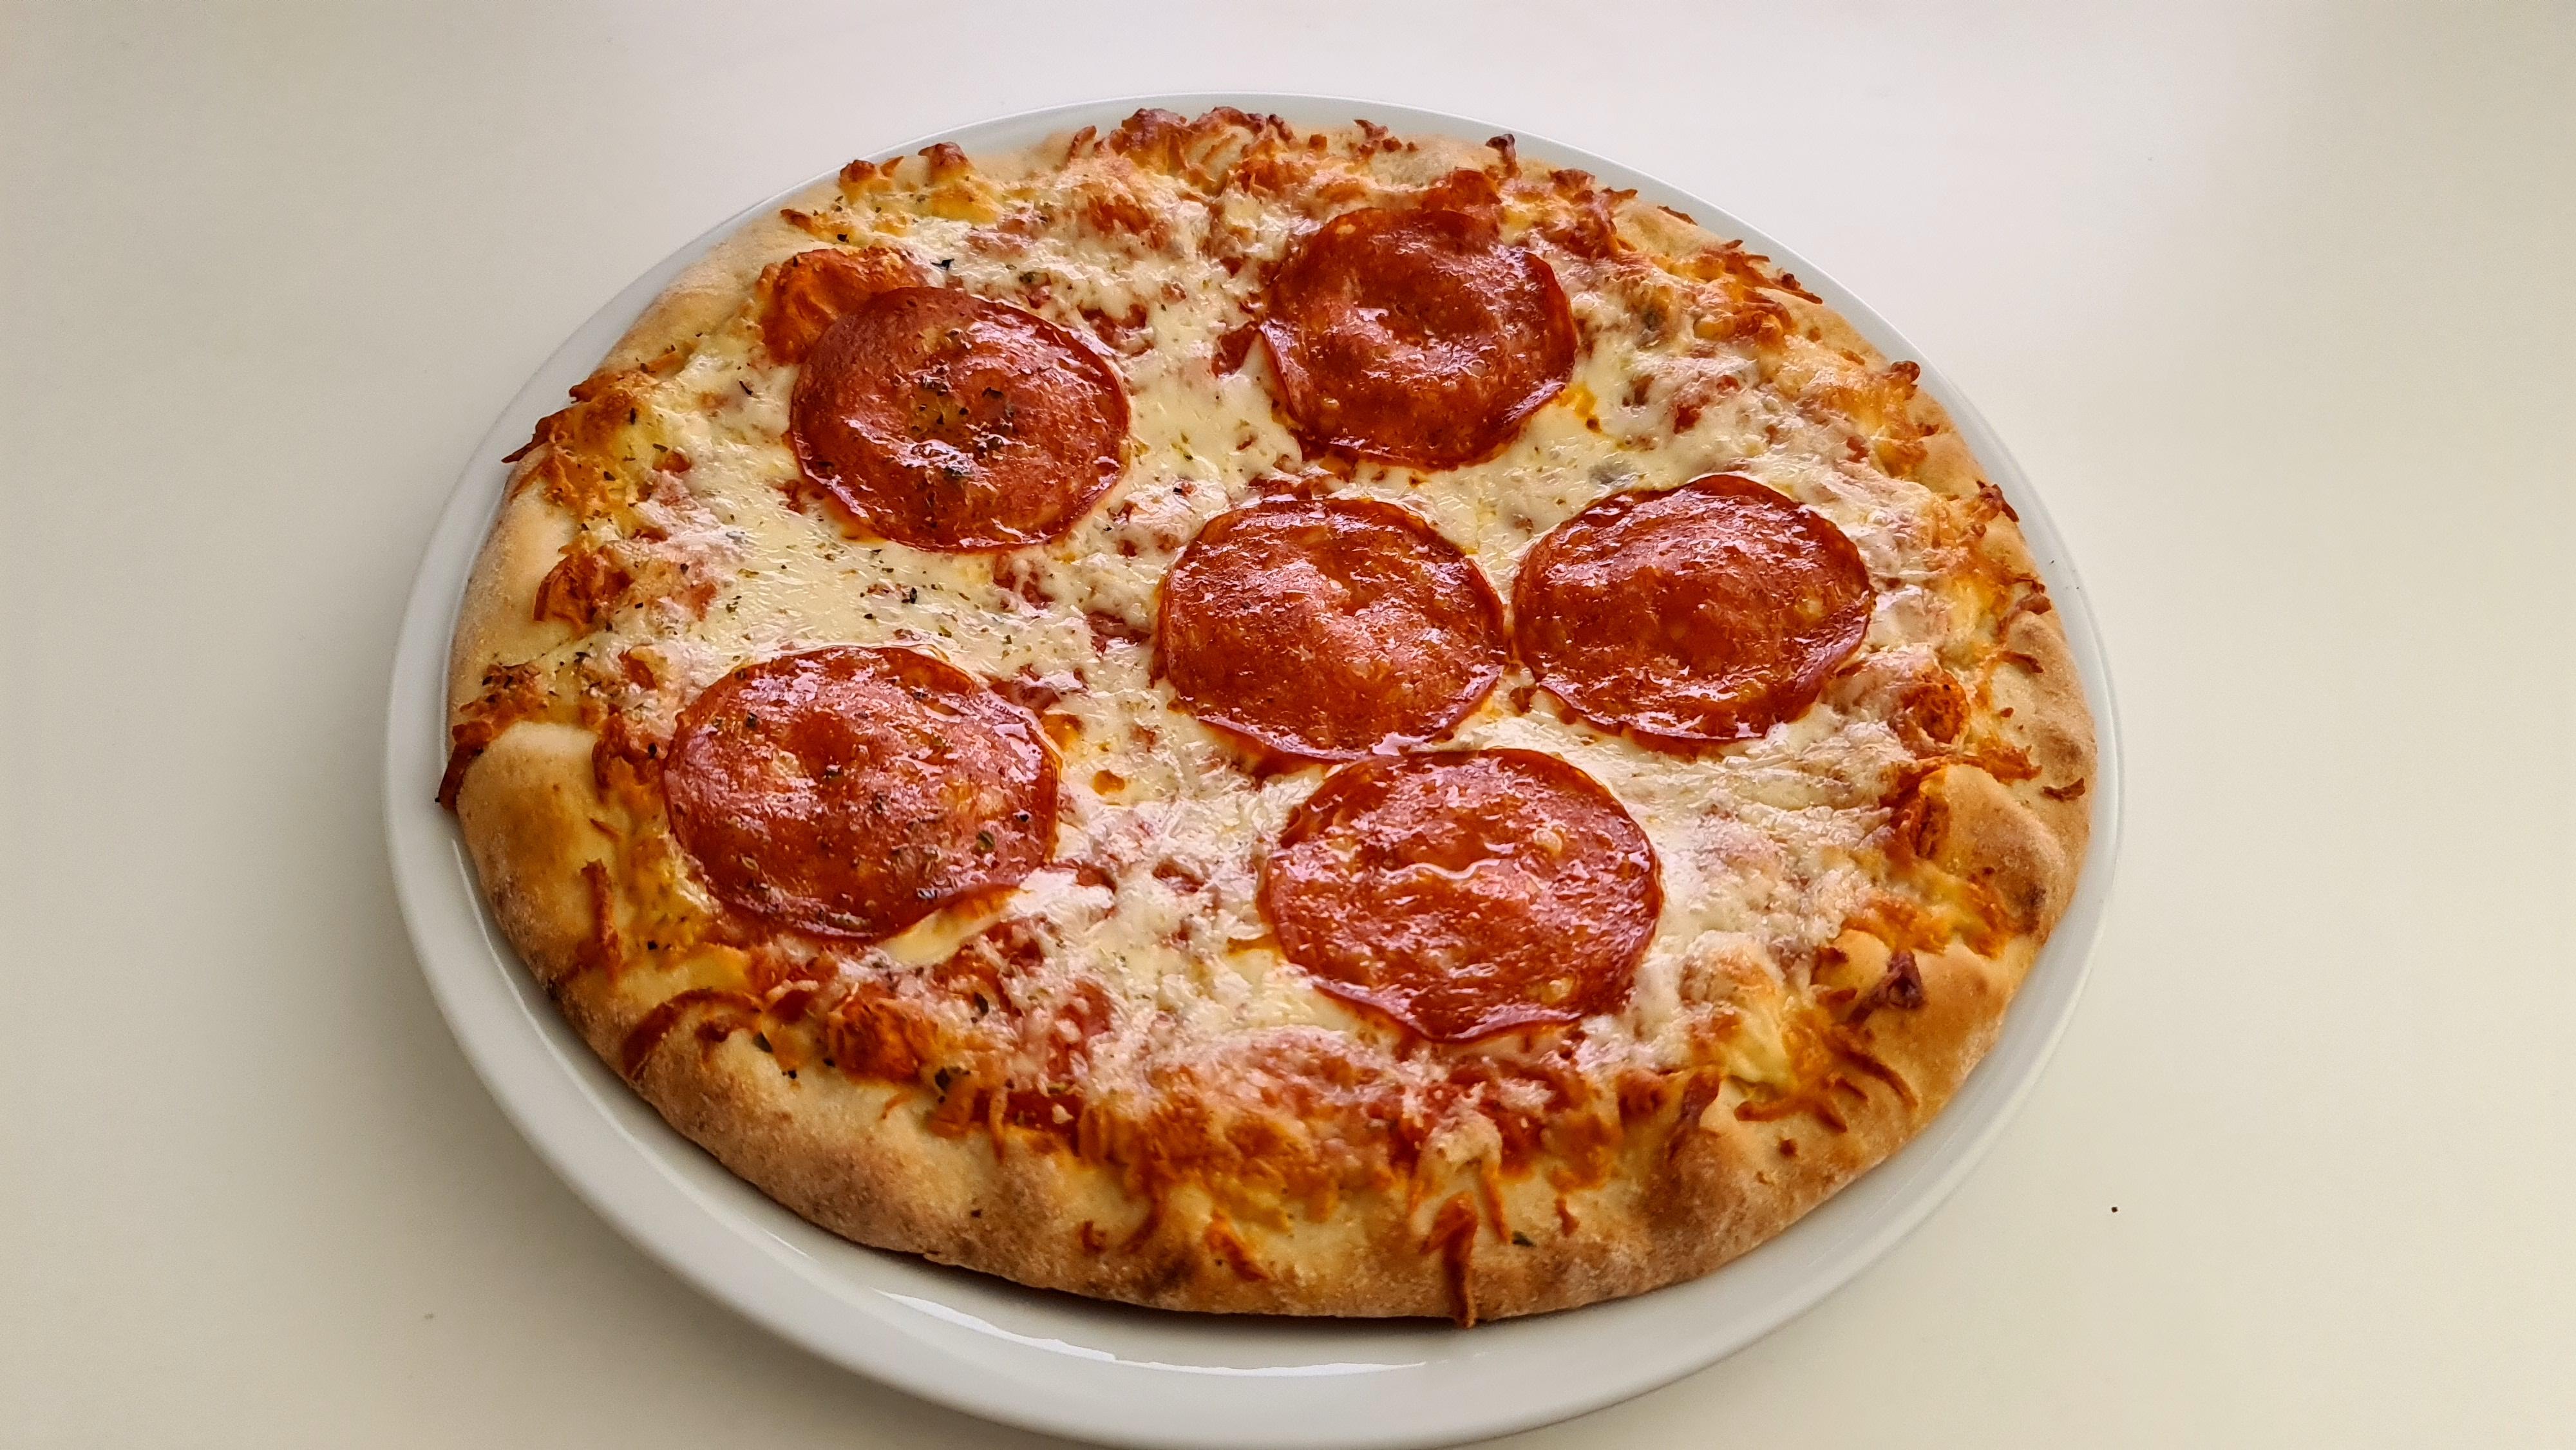 https://foodloader.net/Holz_2020-12-19_Pizza.jpg